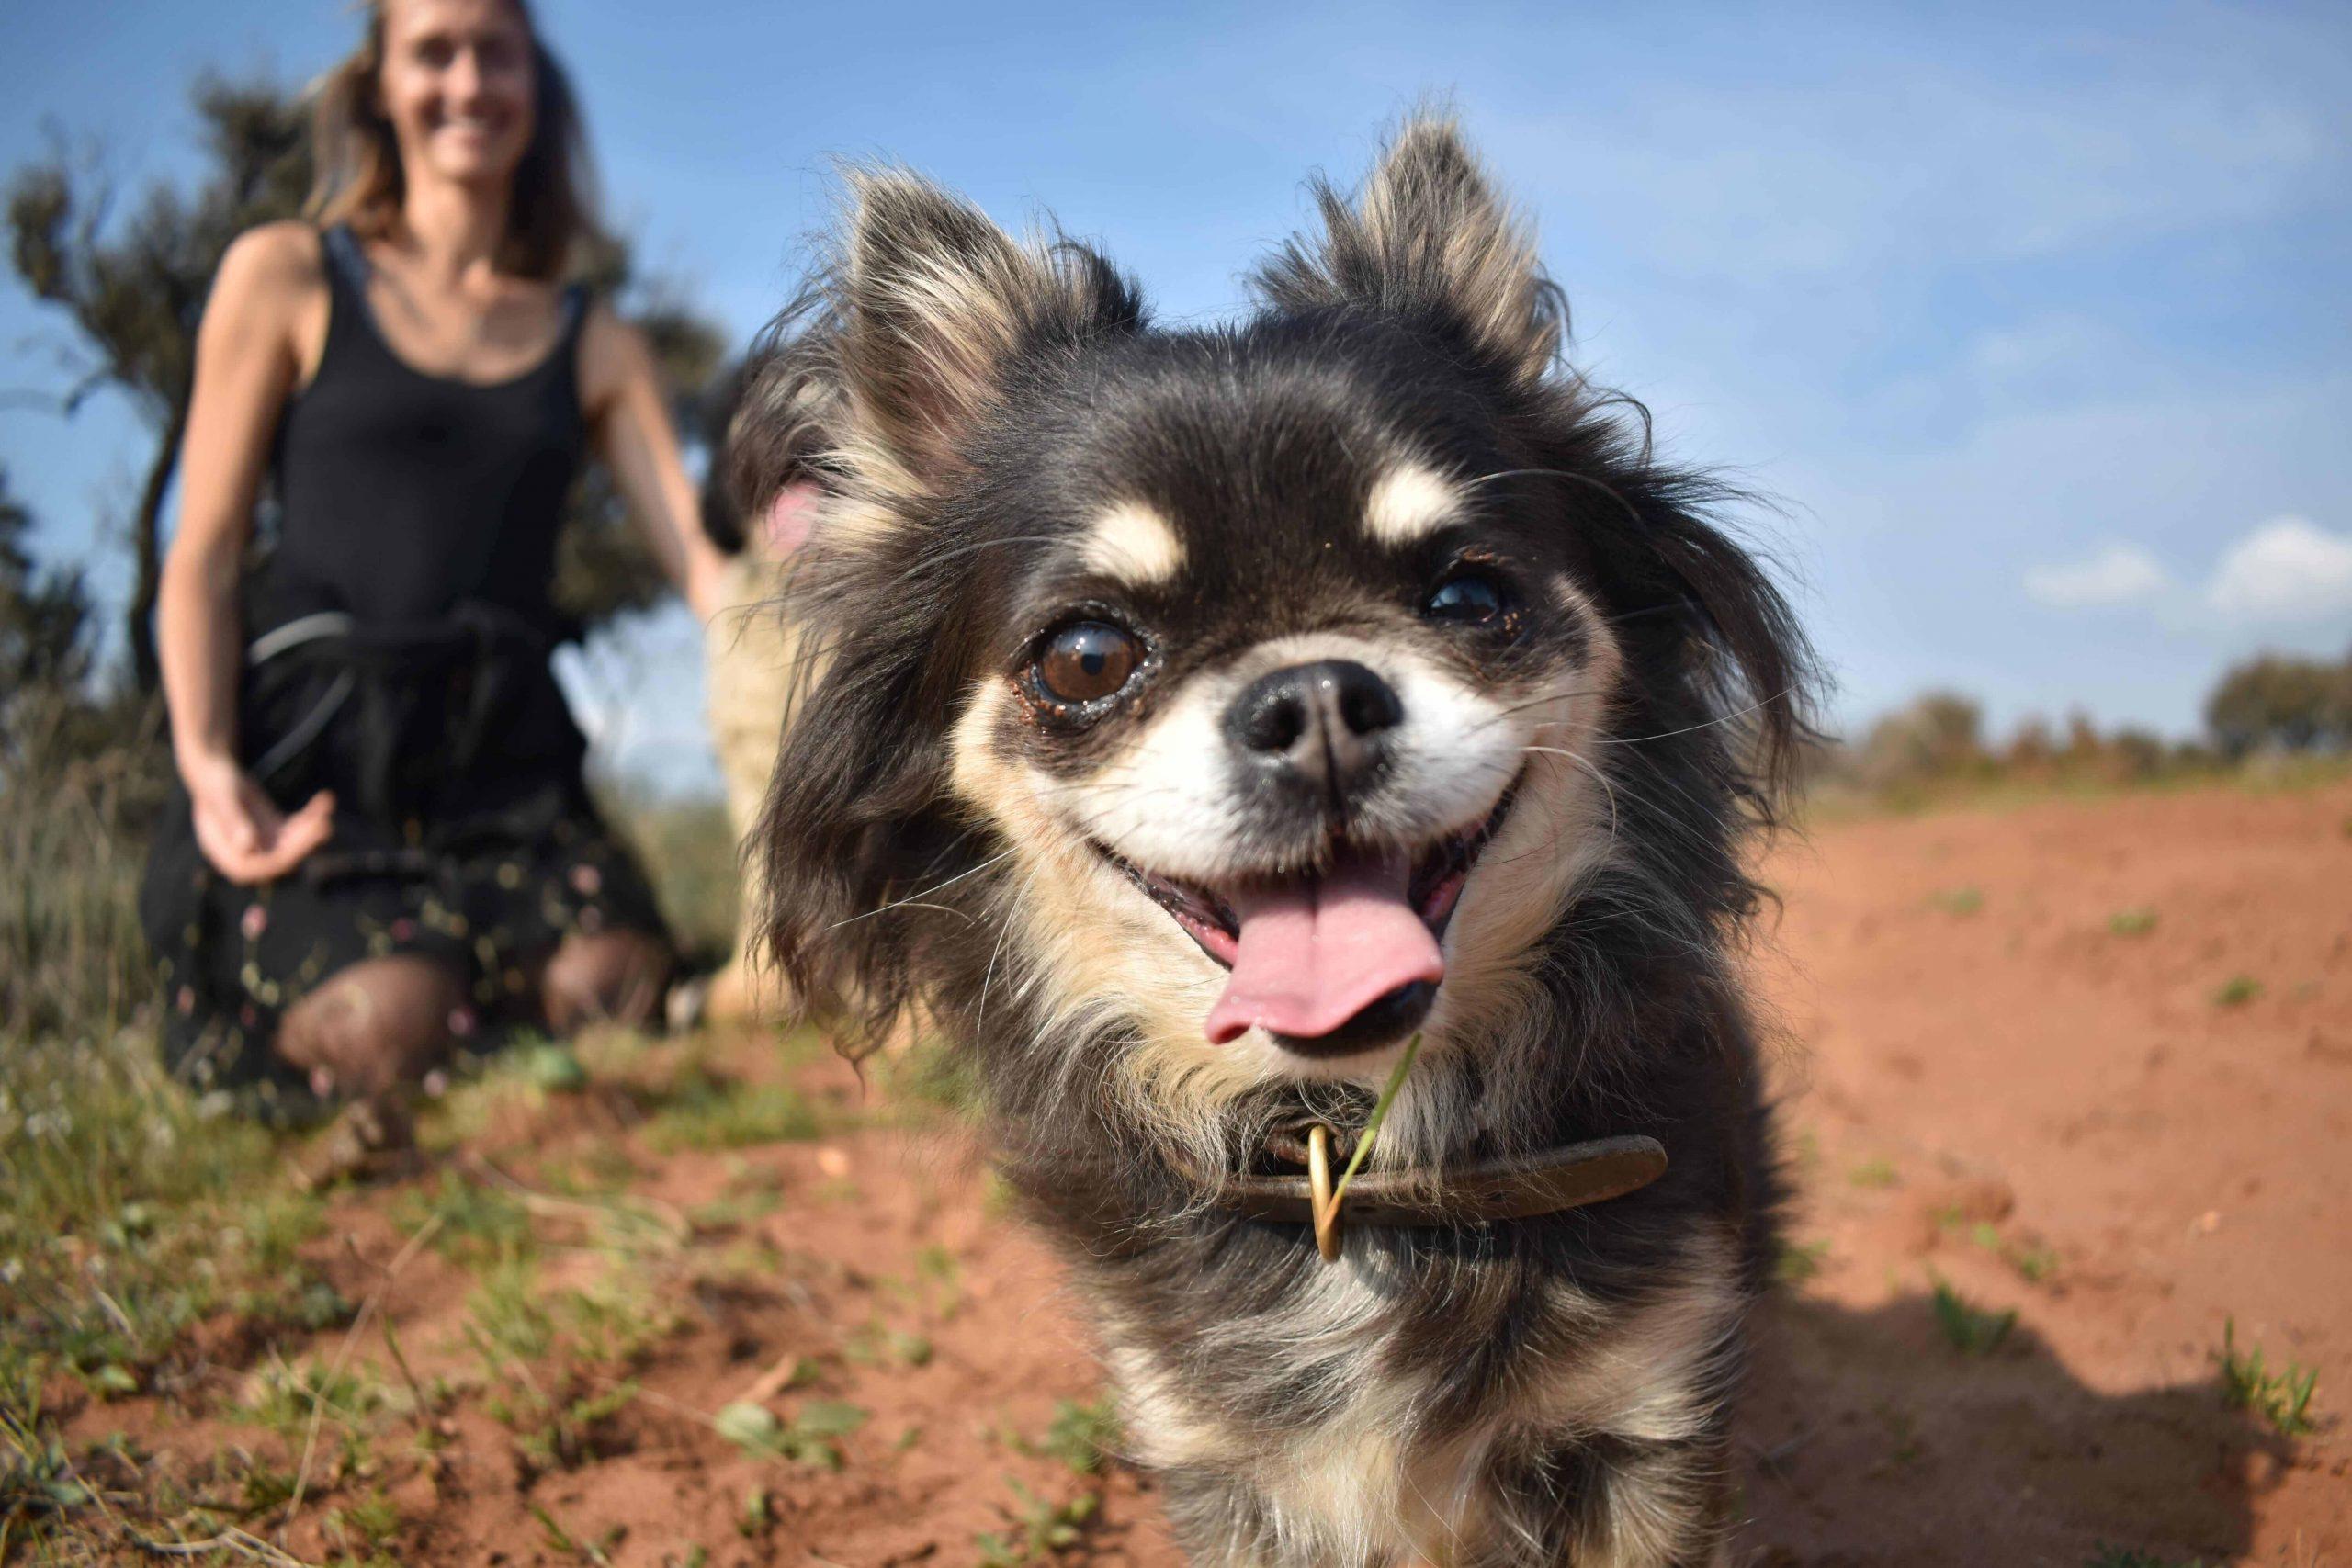 Tierbetreuung zu Hause oder Tierheim? | PerfekteTiersitter™